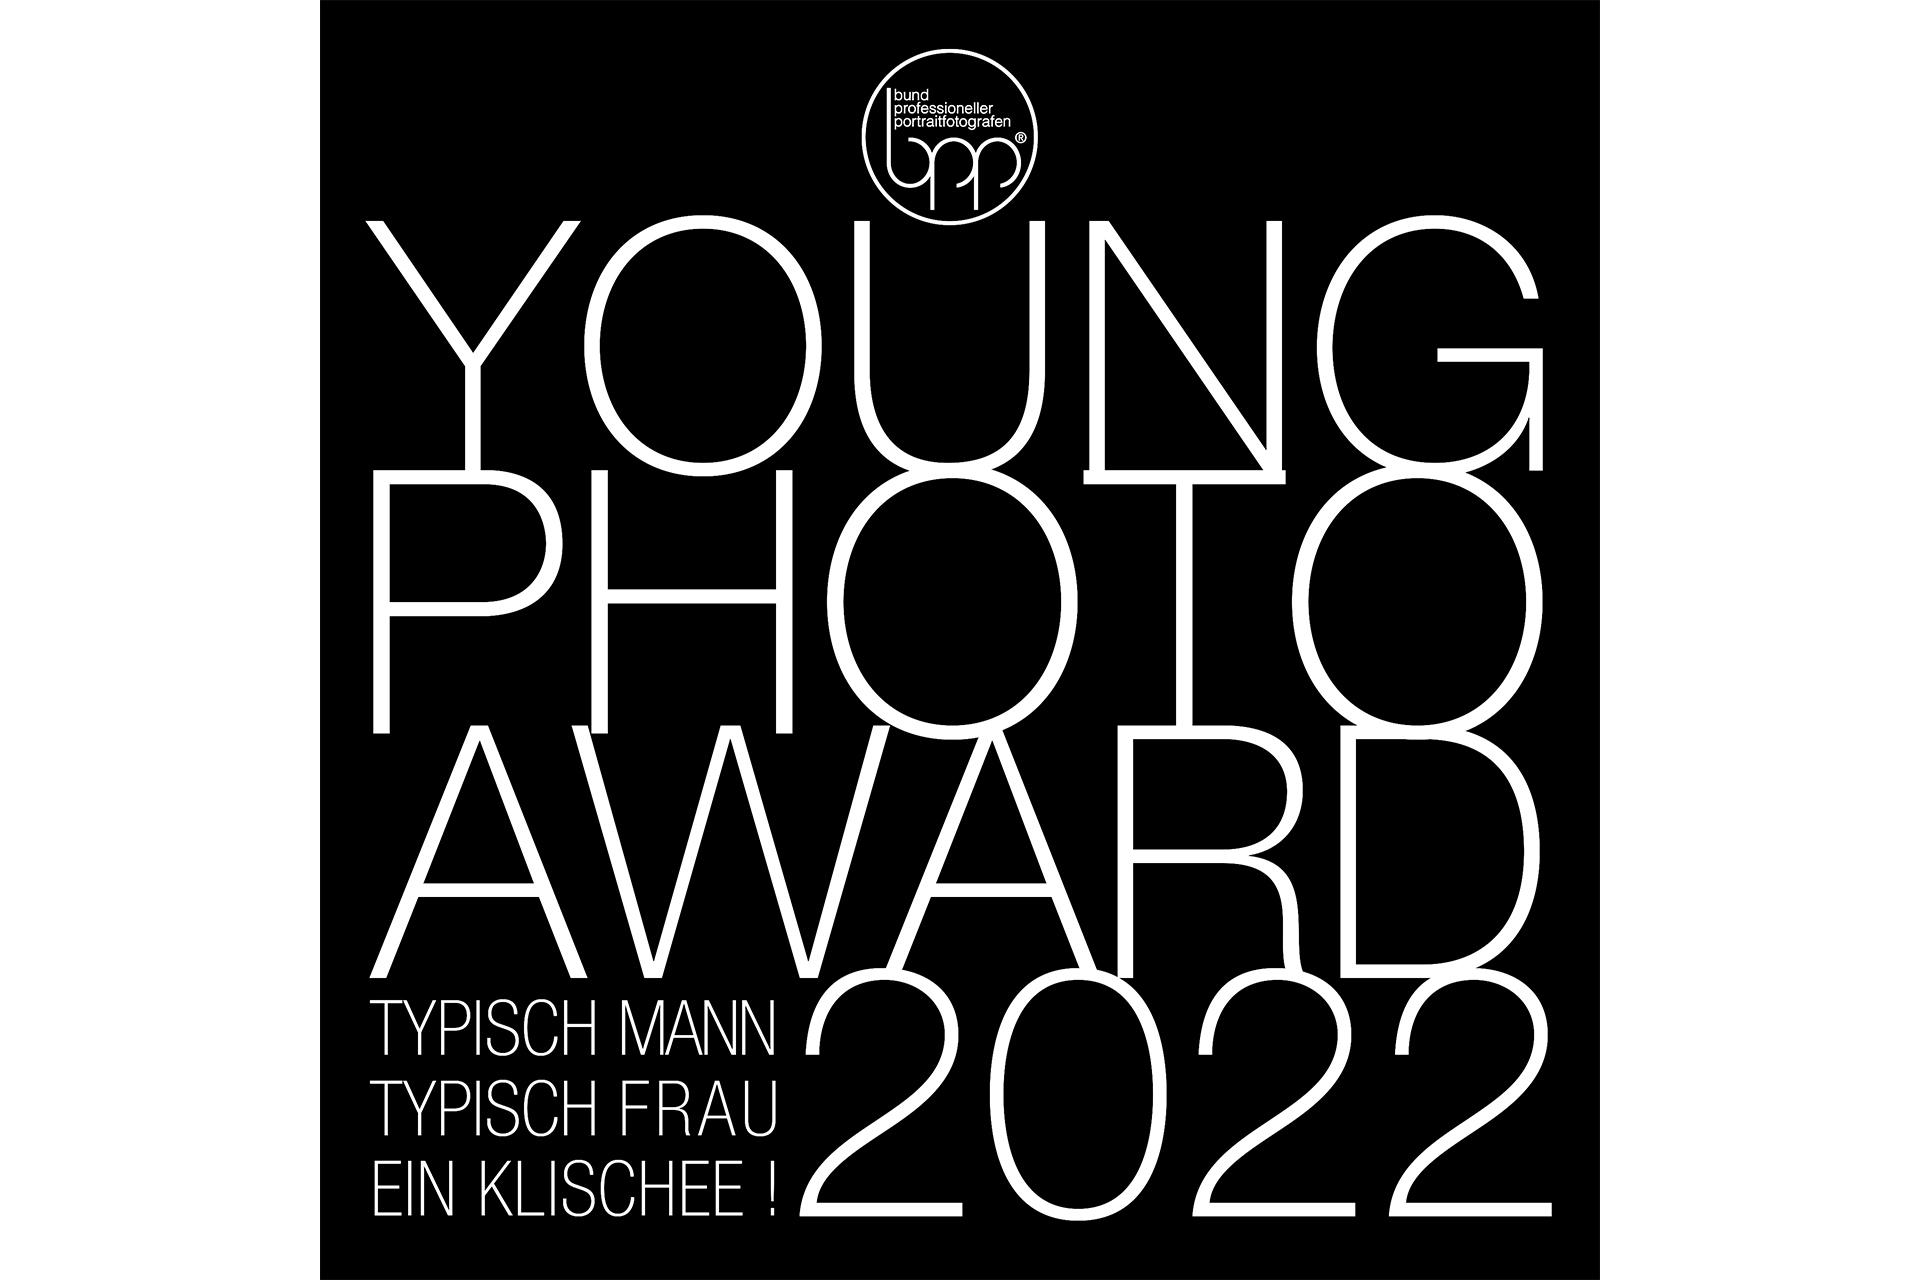 YOUNG PHOTO AWARD 2022